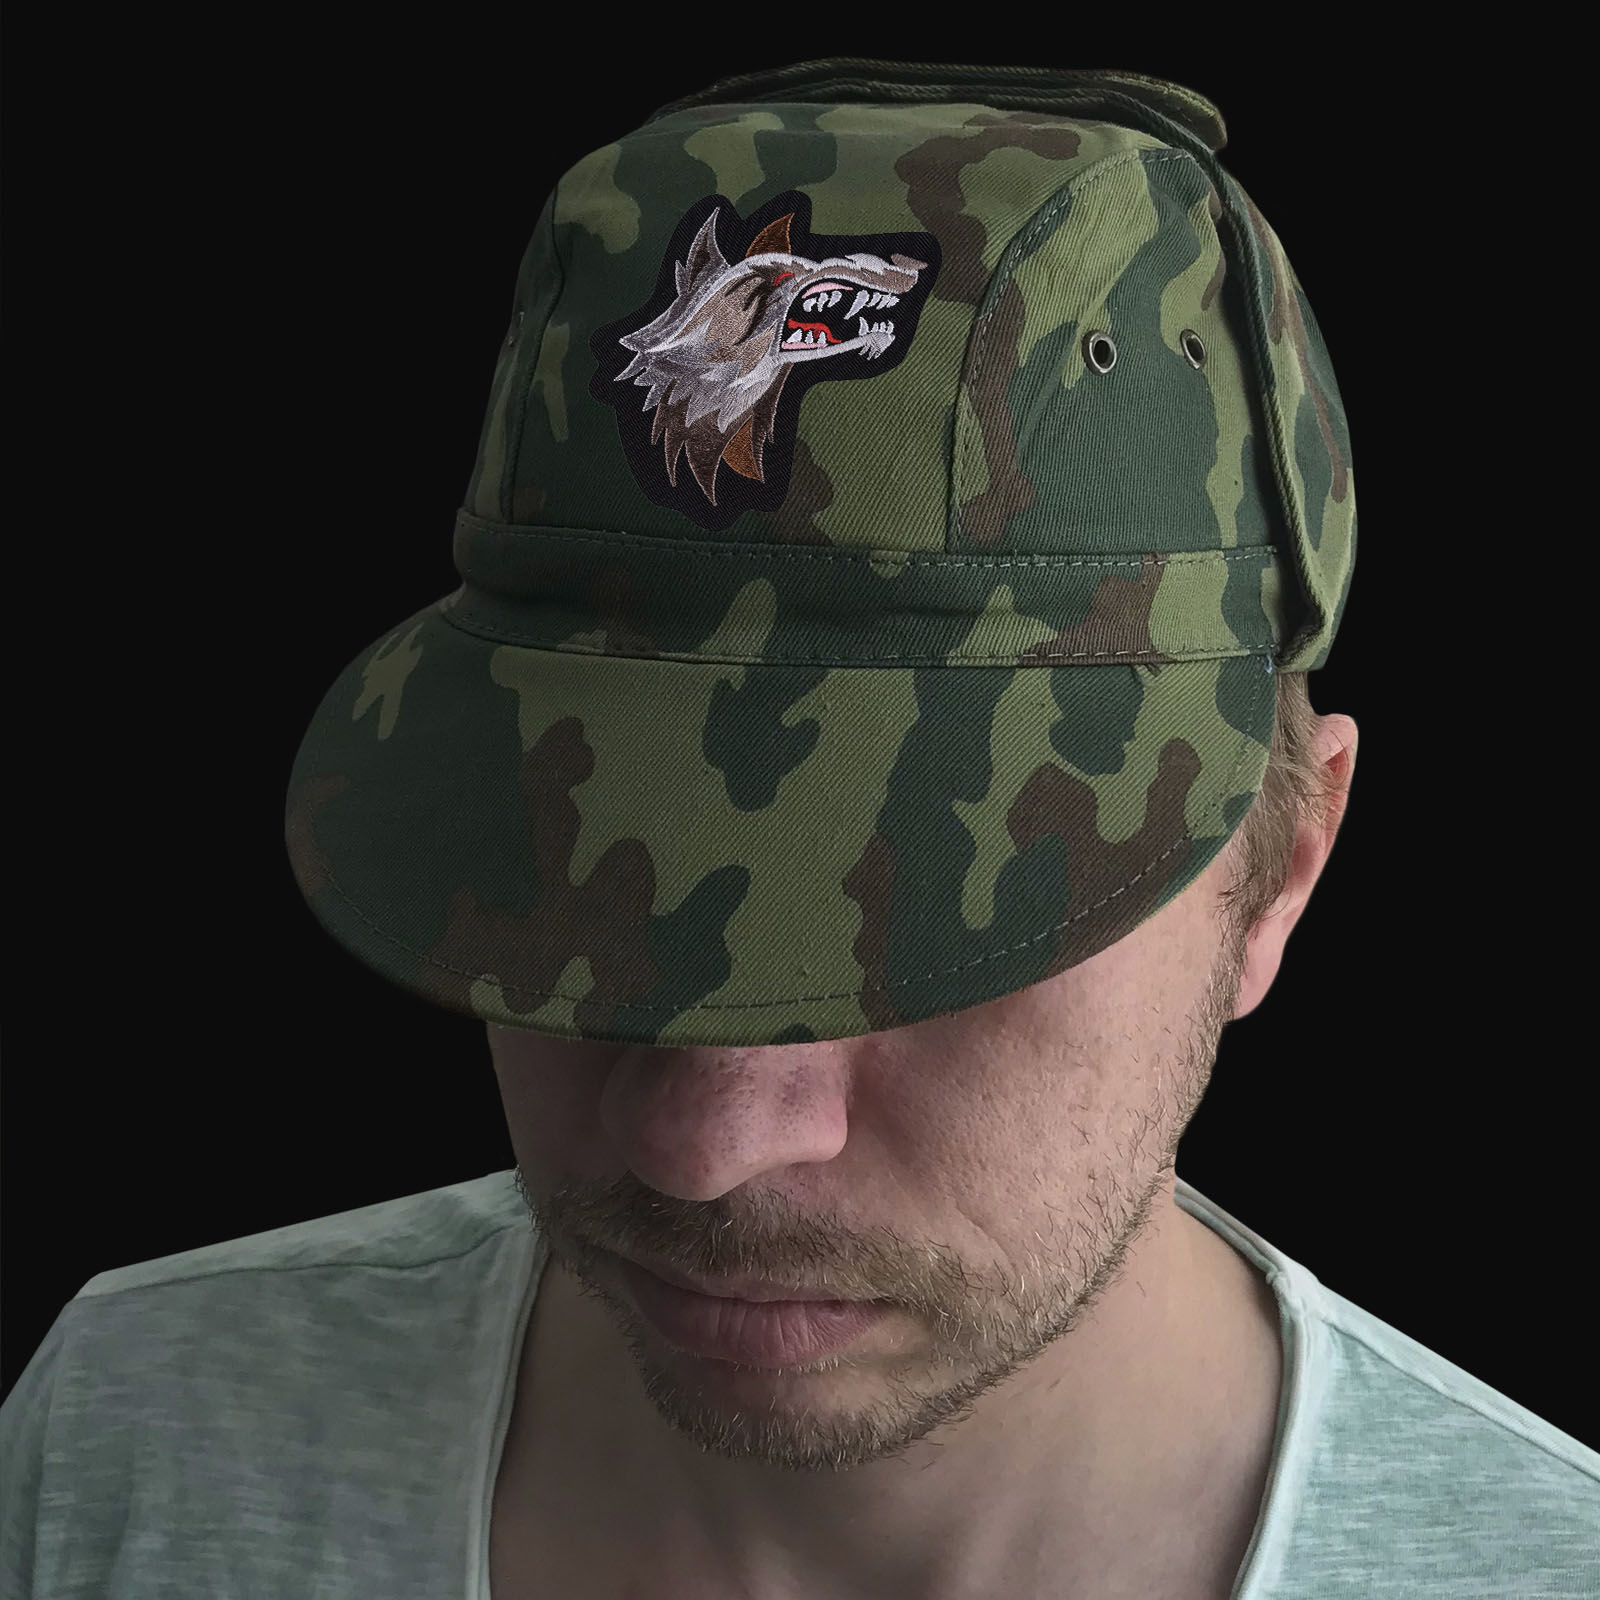 Армейская кепка с шевроном в виде оскалившегося волка